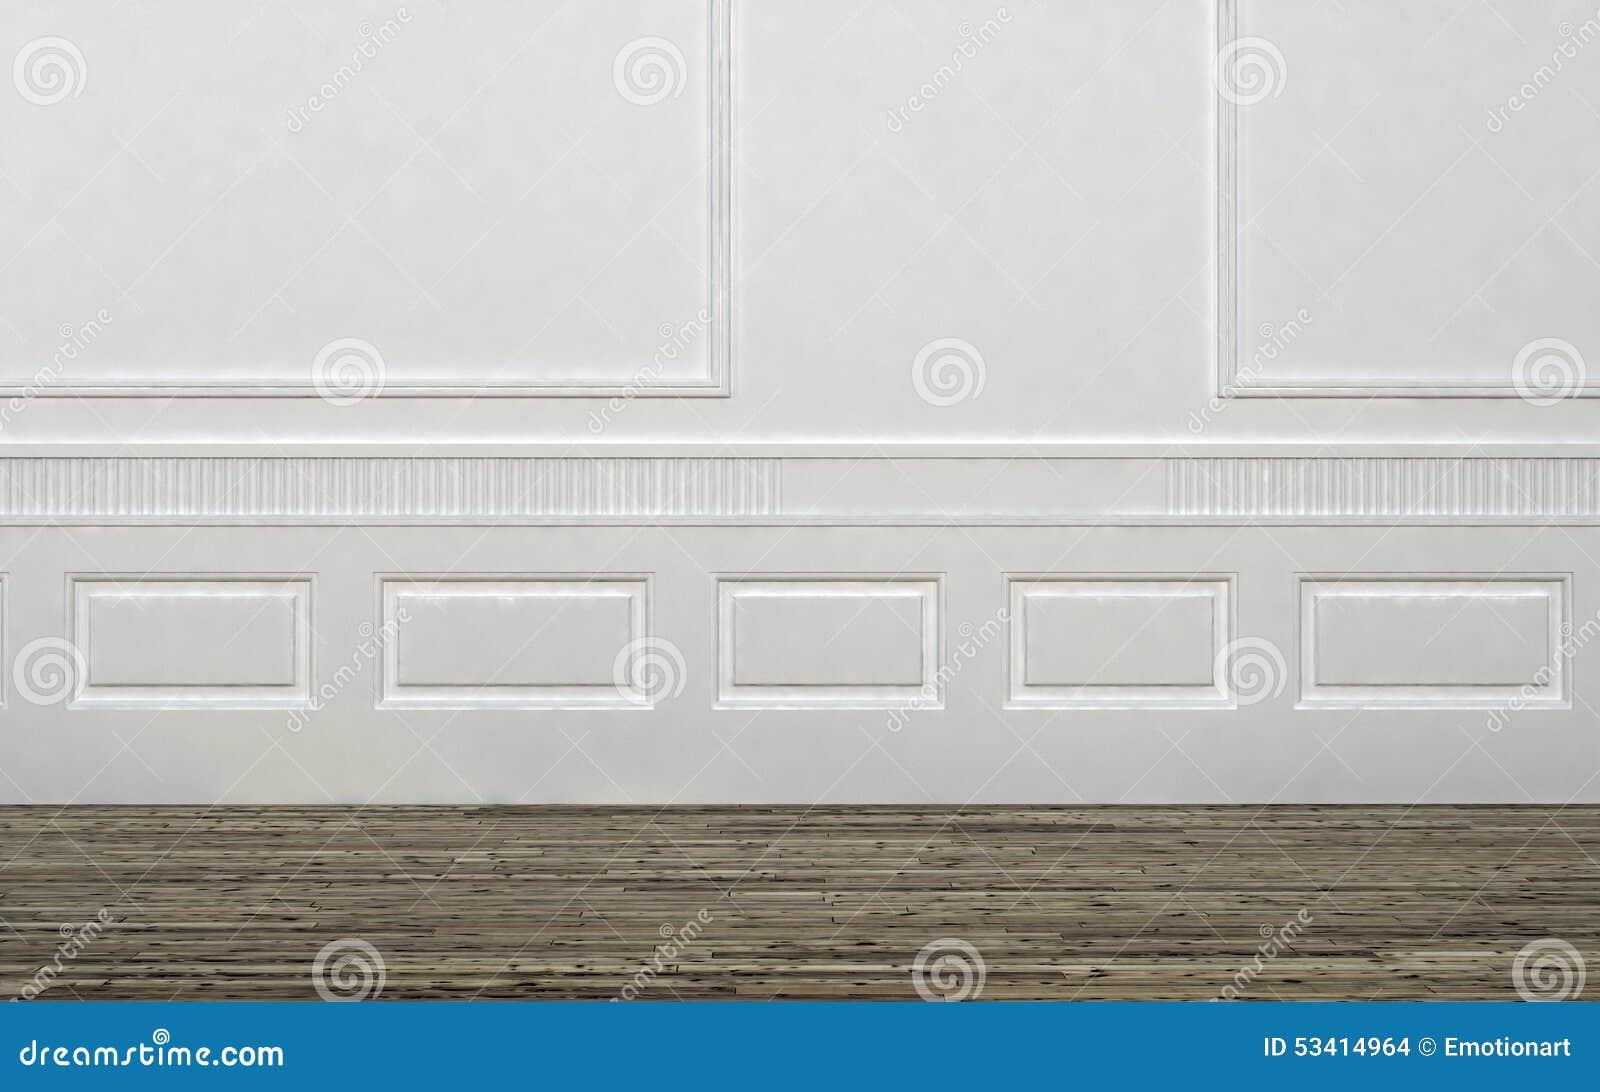 Pareti In Legno Bianco : Stanza vuota con il pavimento bianco di legno e della parete